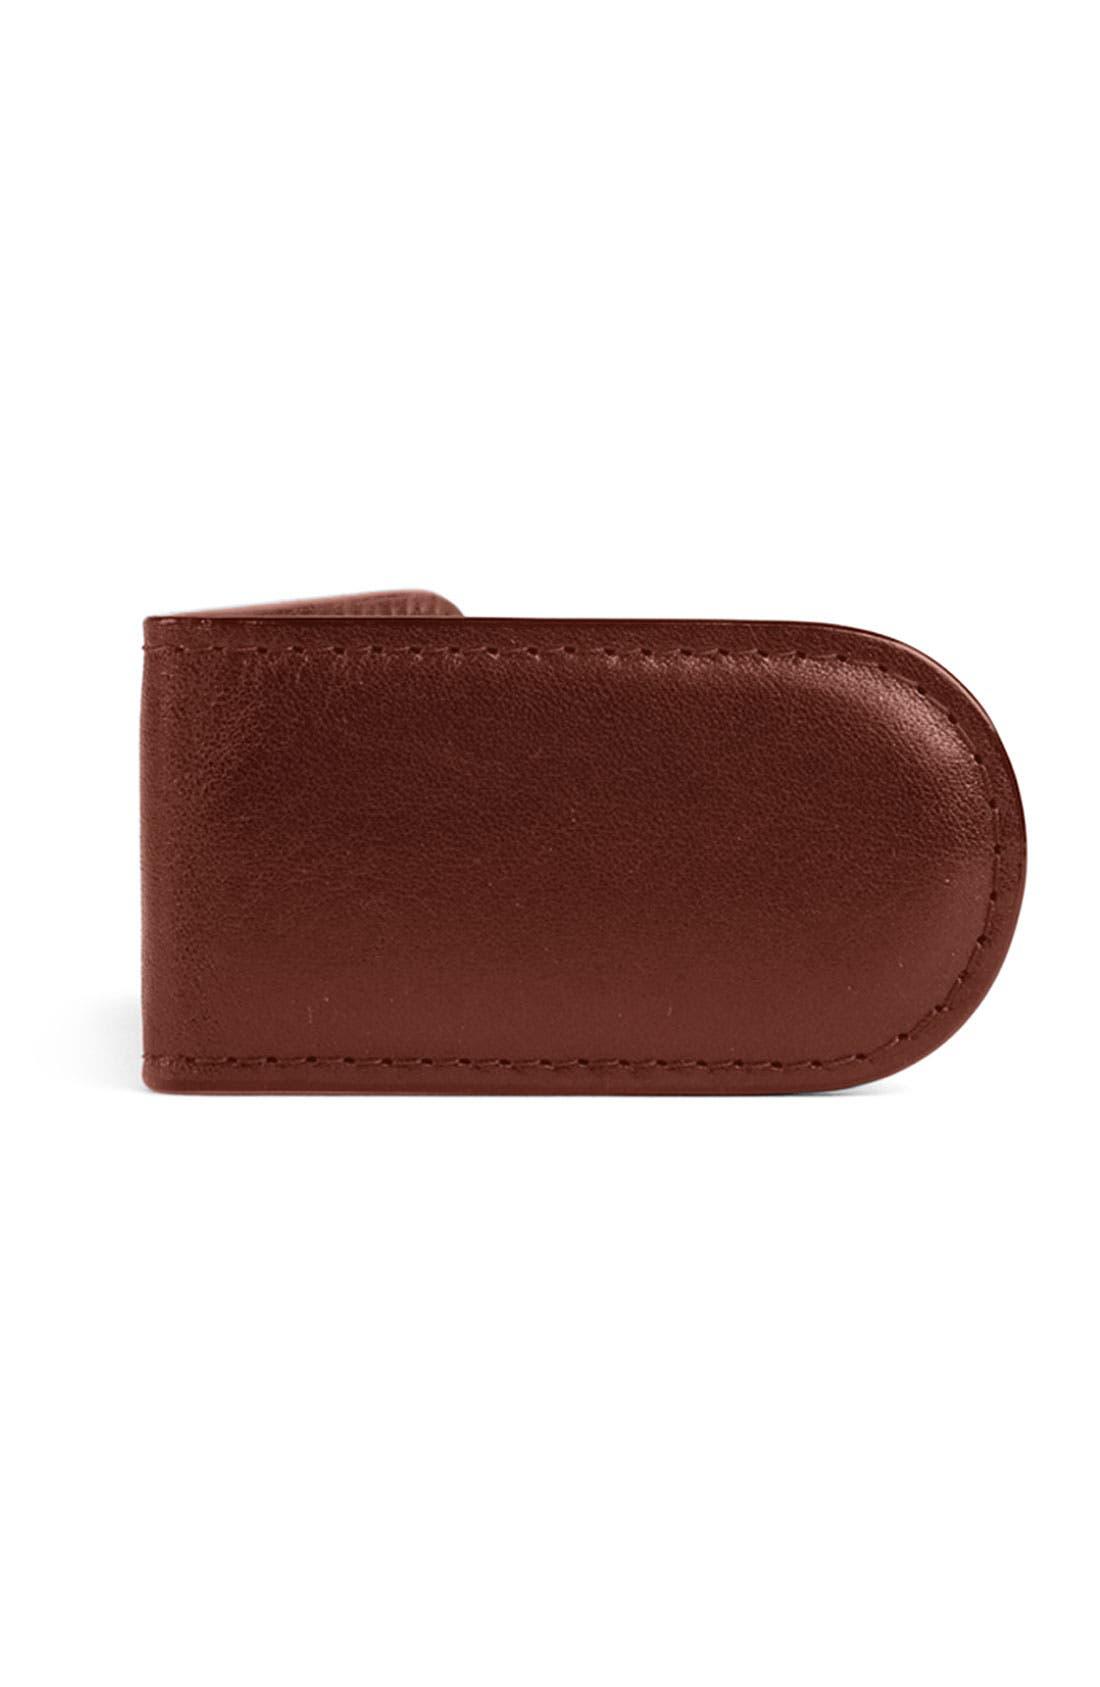 Leather Money Clip,                             Main thumbnail 4, color,